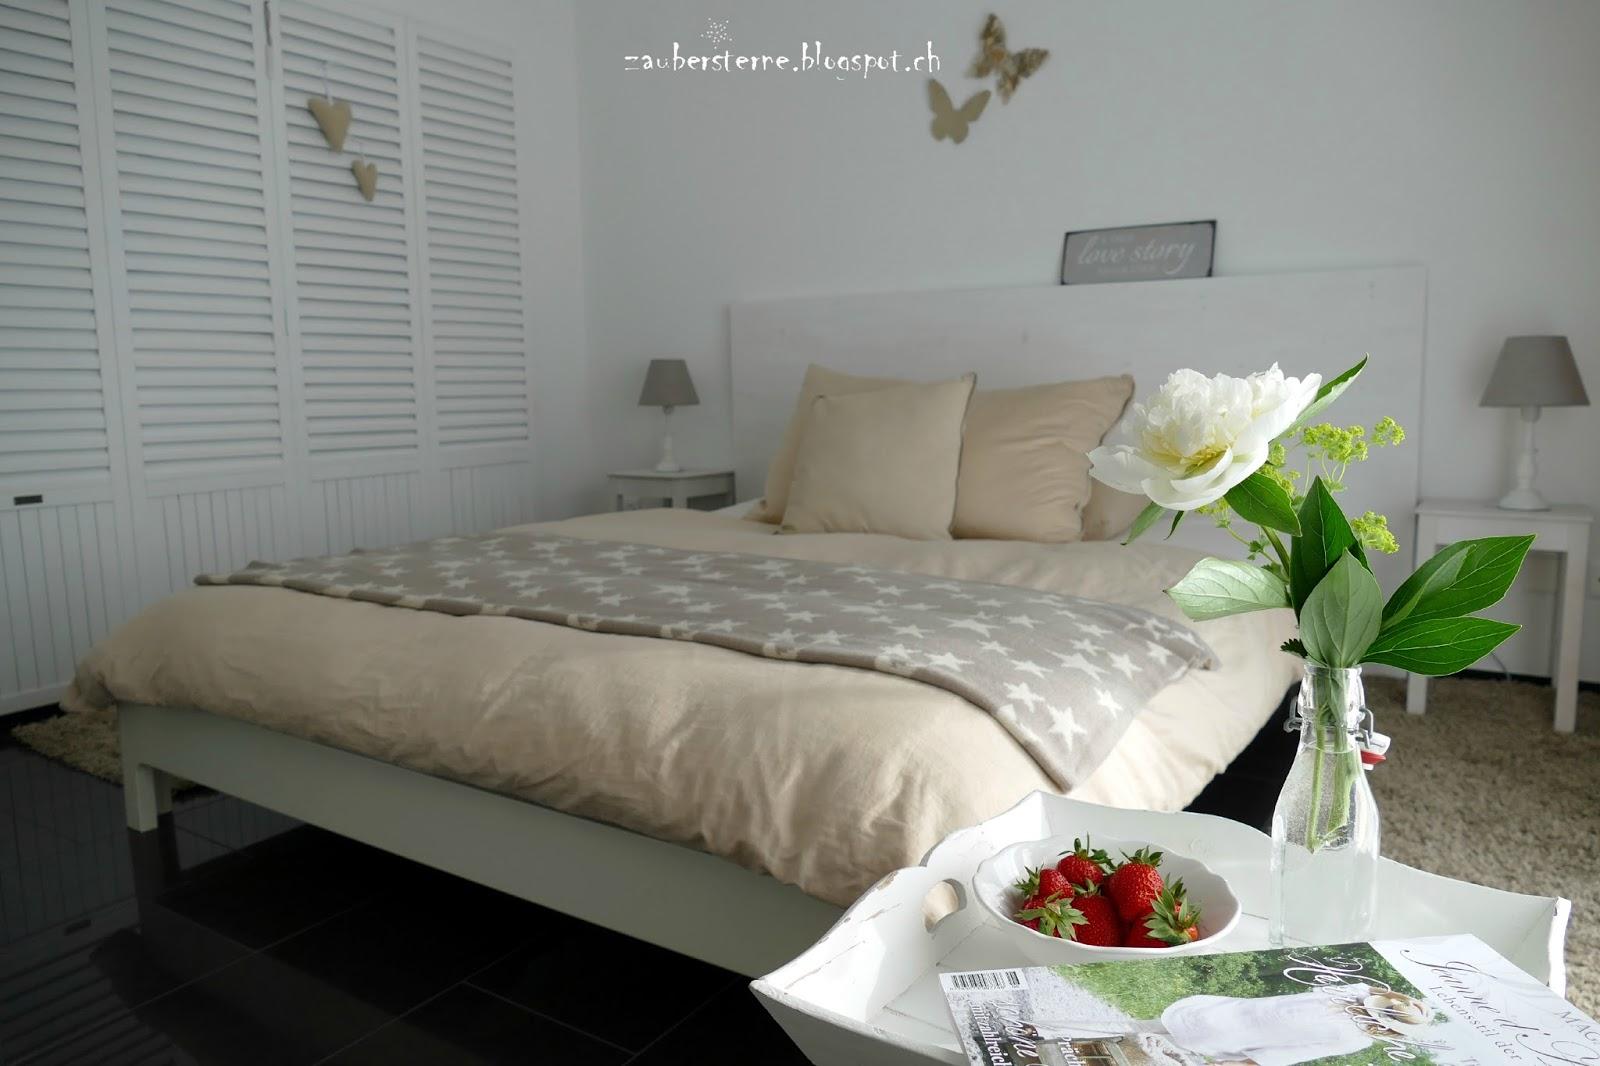 Vorhang schlafzimmer lichtdicht: lichtundurchlaessige vorhaenge ...